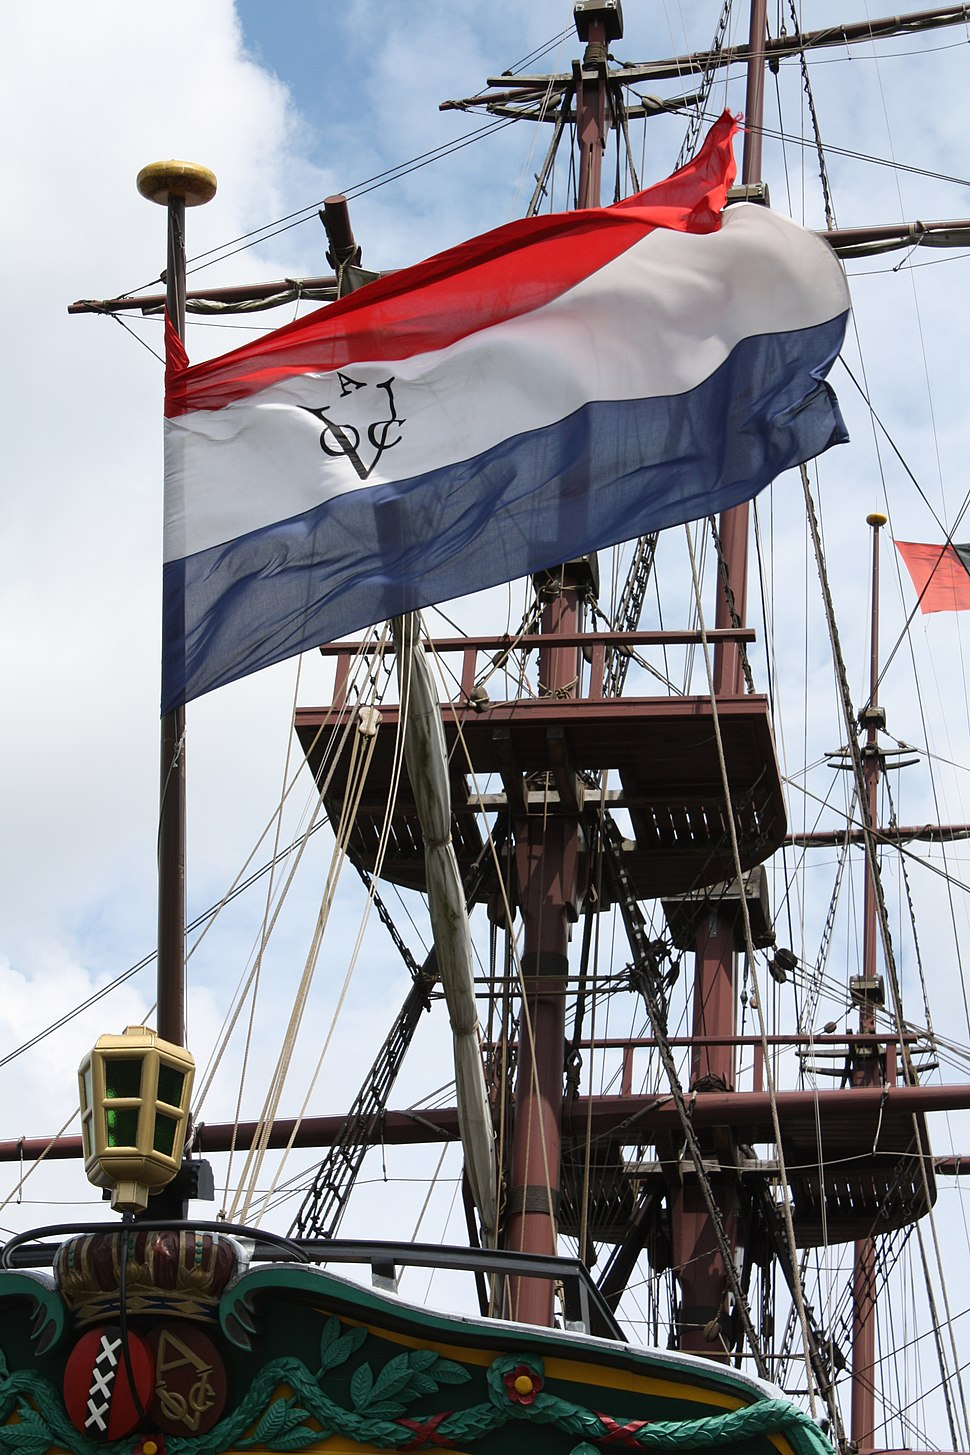 Vereenigde Oostindische Compagnie spiegelretourschip Amsterdam replica